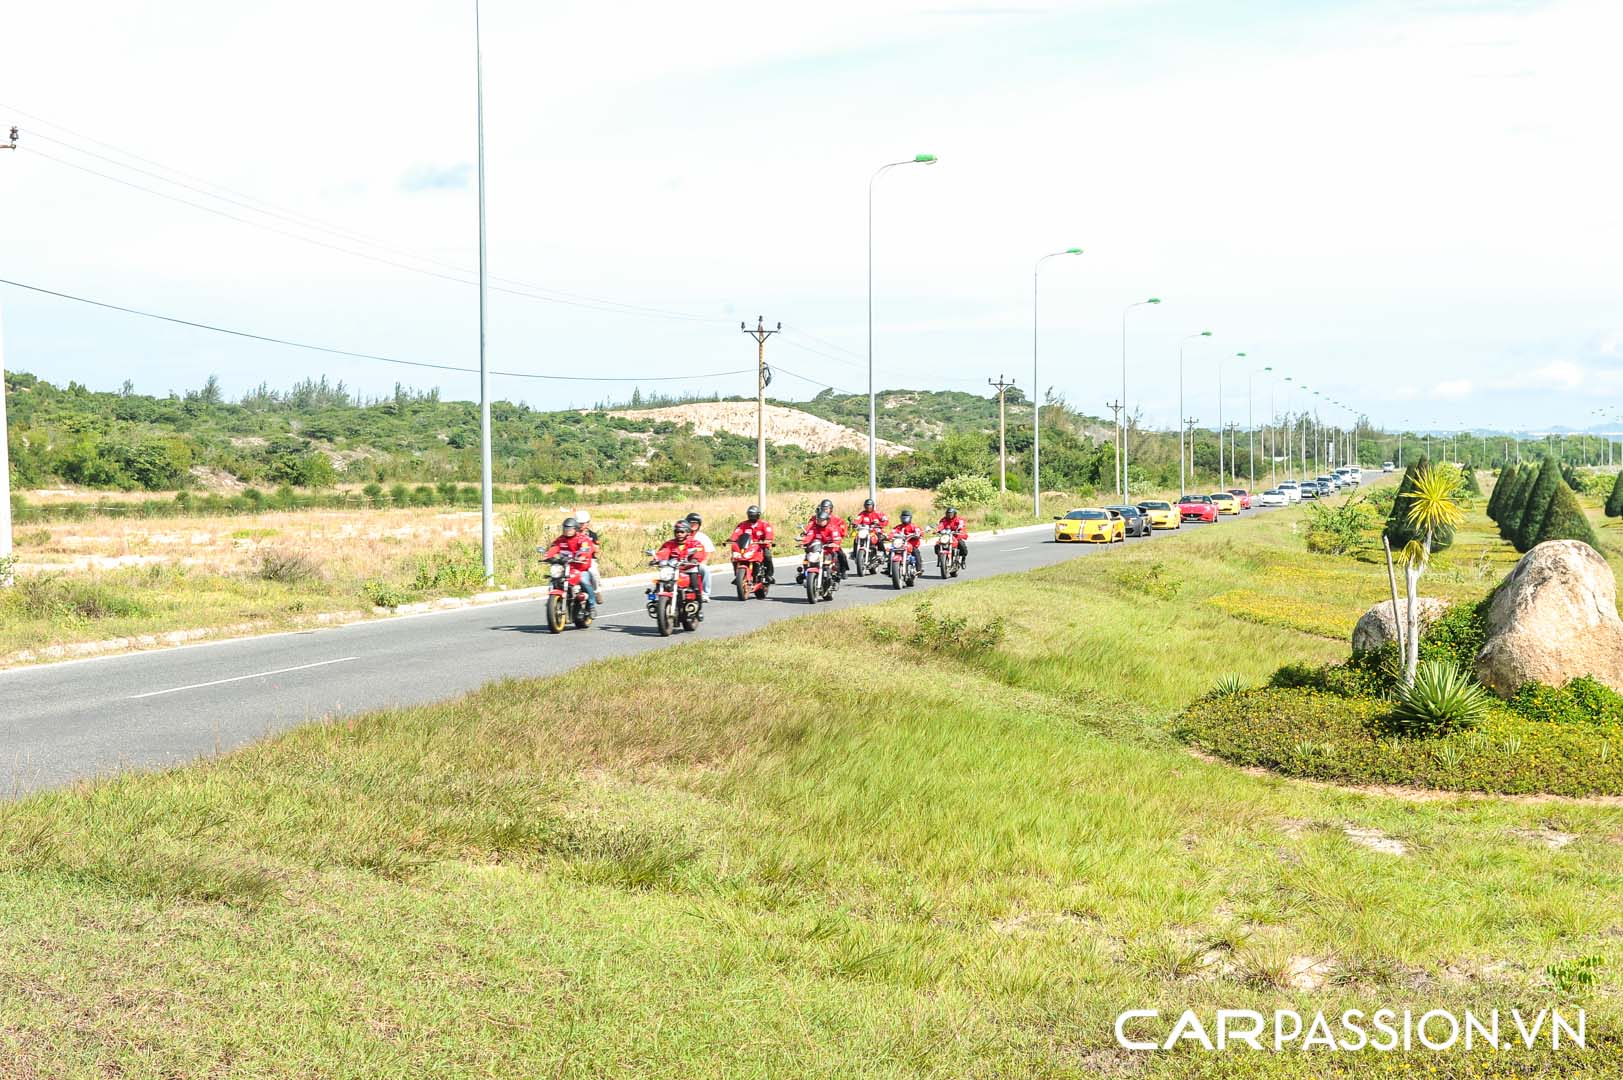 CP-Hành trình siêu xe CarPassion 2011 Day 2 (299).jpg